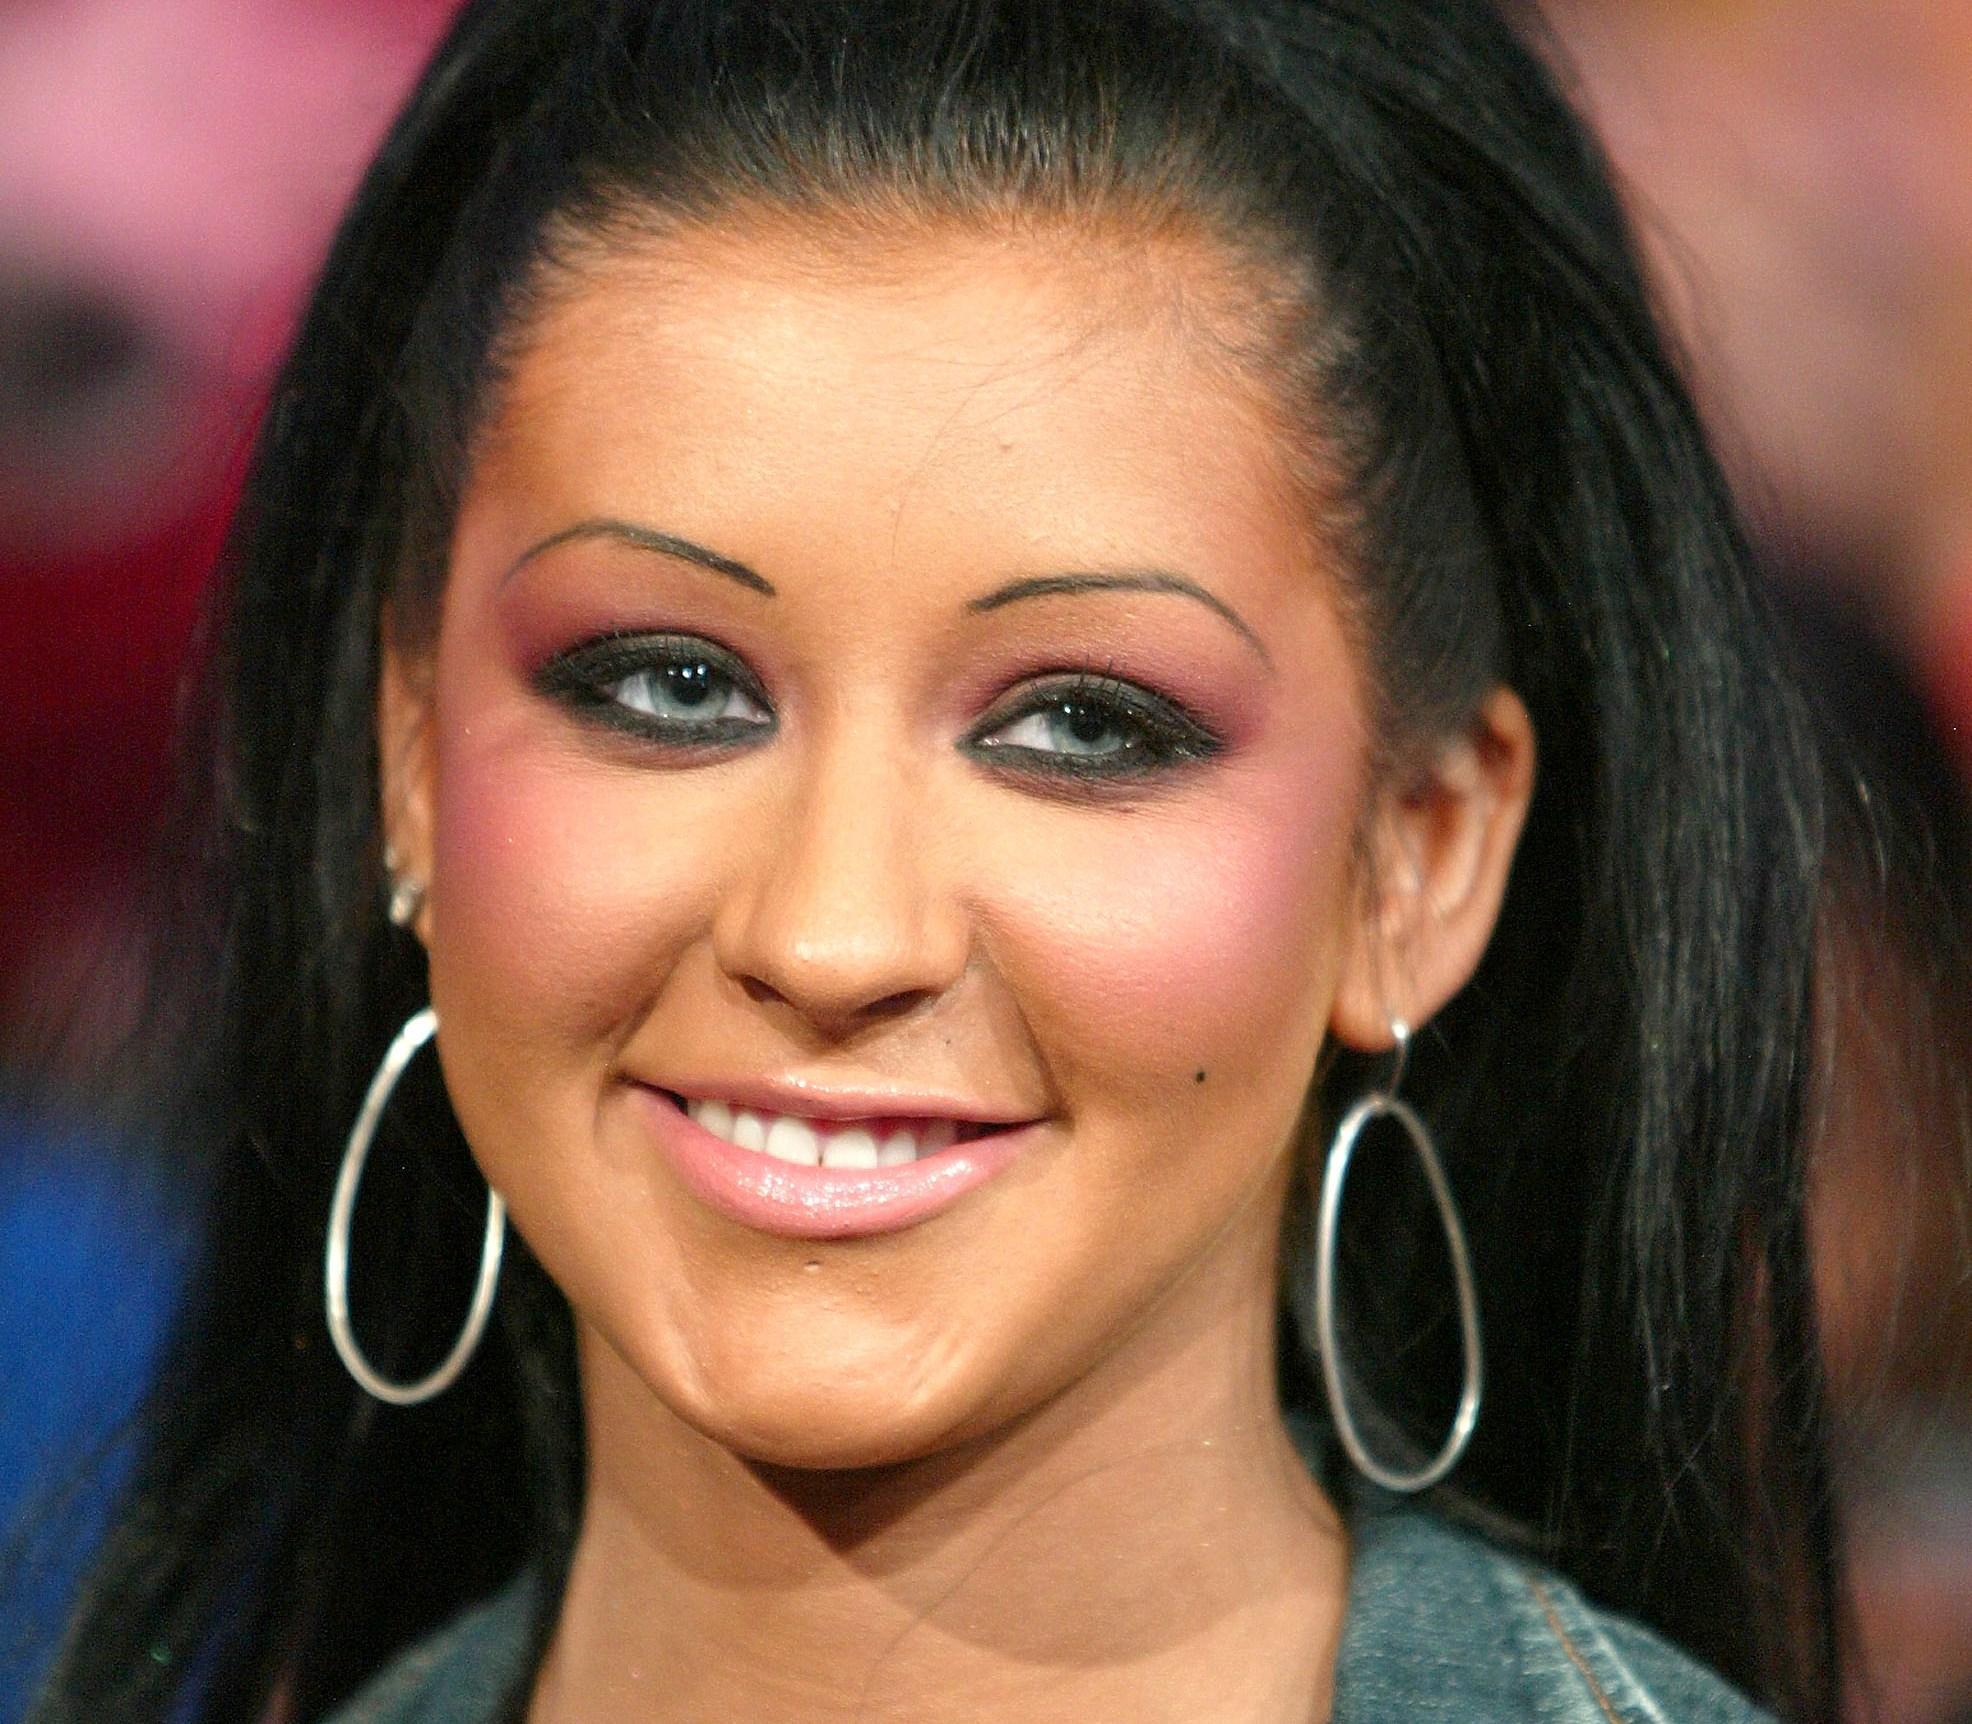 Кристина Агилера: несколько ошибок макияжа, главные из которых - неестественные брови и грубый макияж глаз